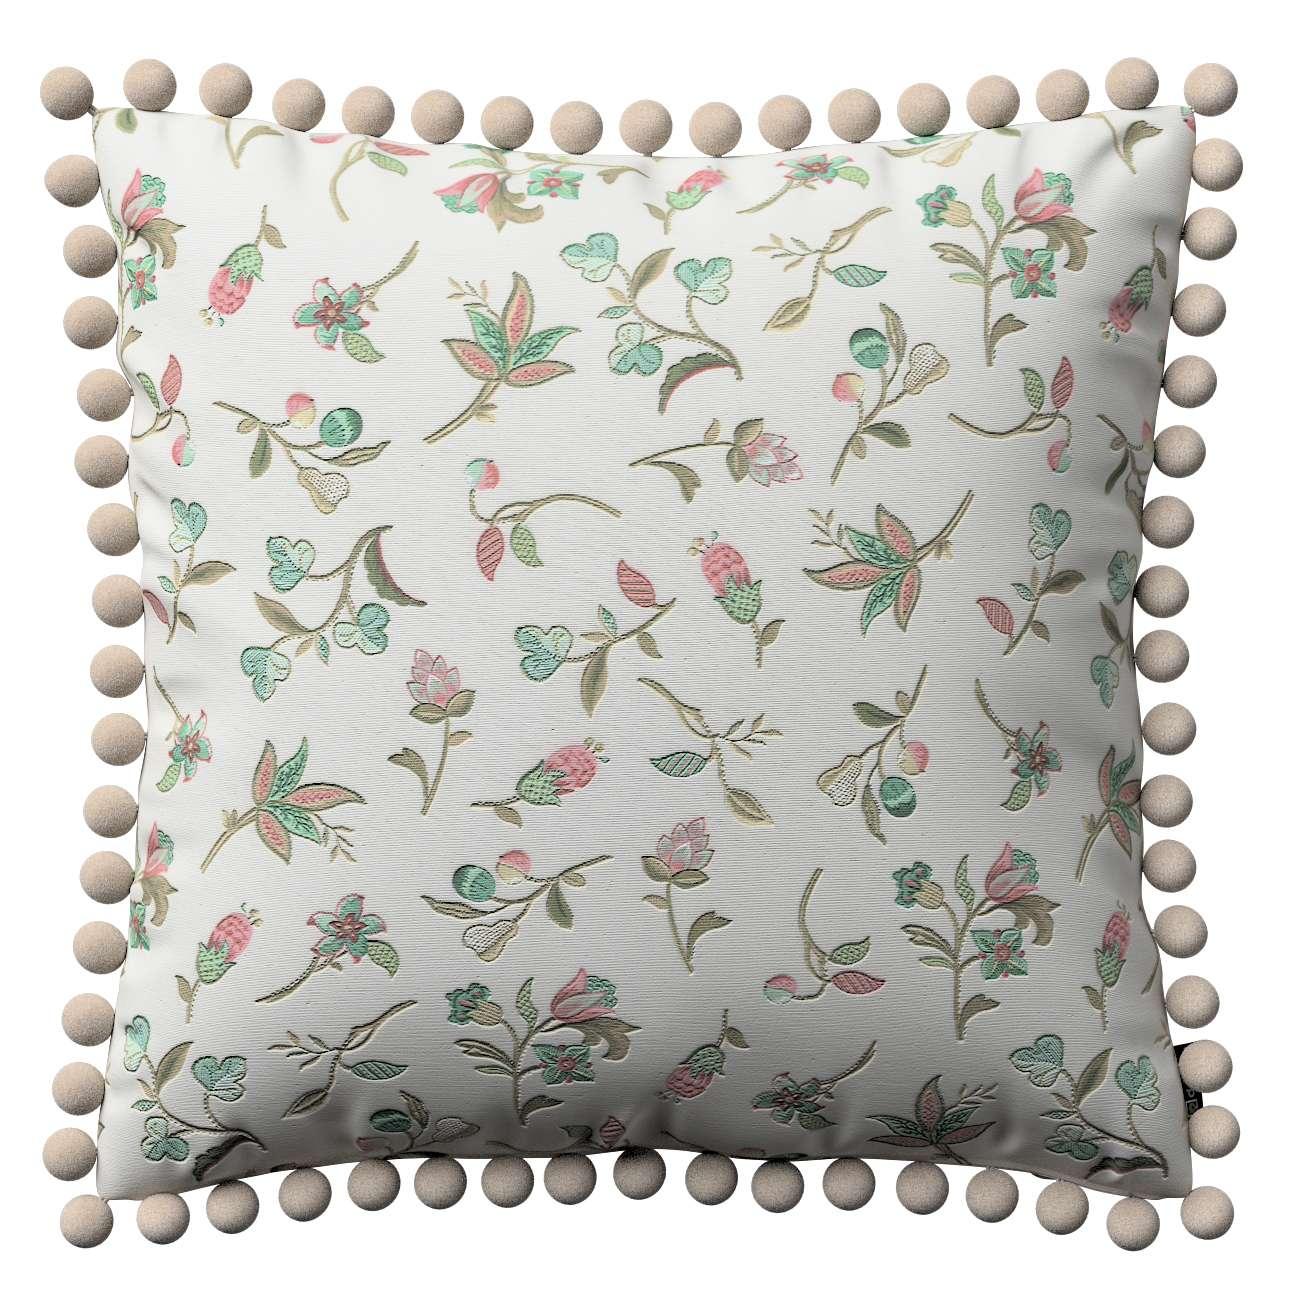 Kissenhülle Wera mit Bommeln, ecru, 45 × 45 cm, Londres | Heimtextilien > Bettwäsche und Laken > Kopfkissenbezüge | Dekoria